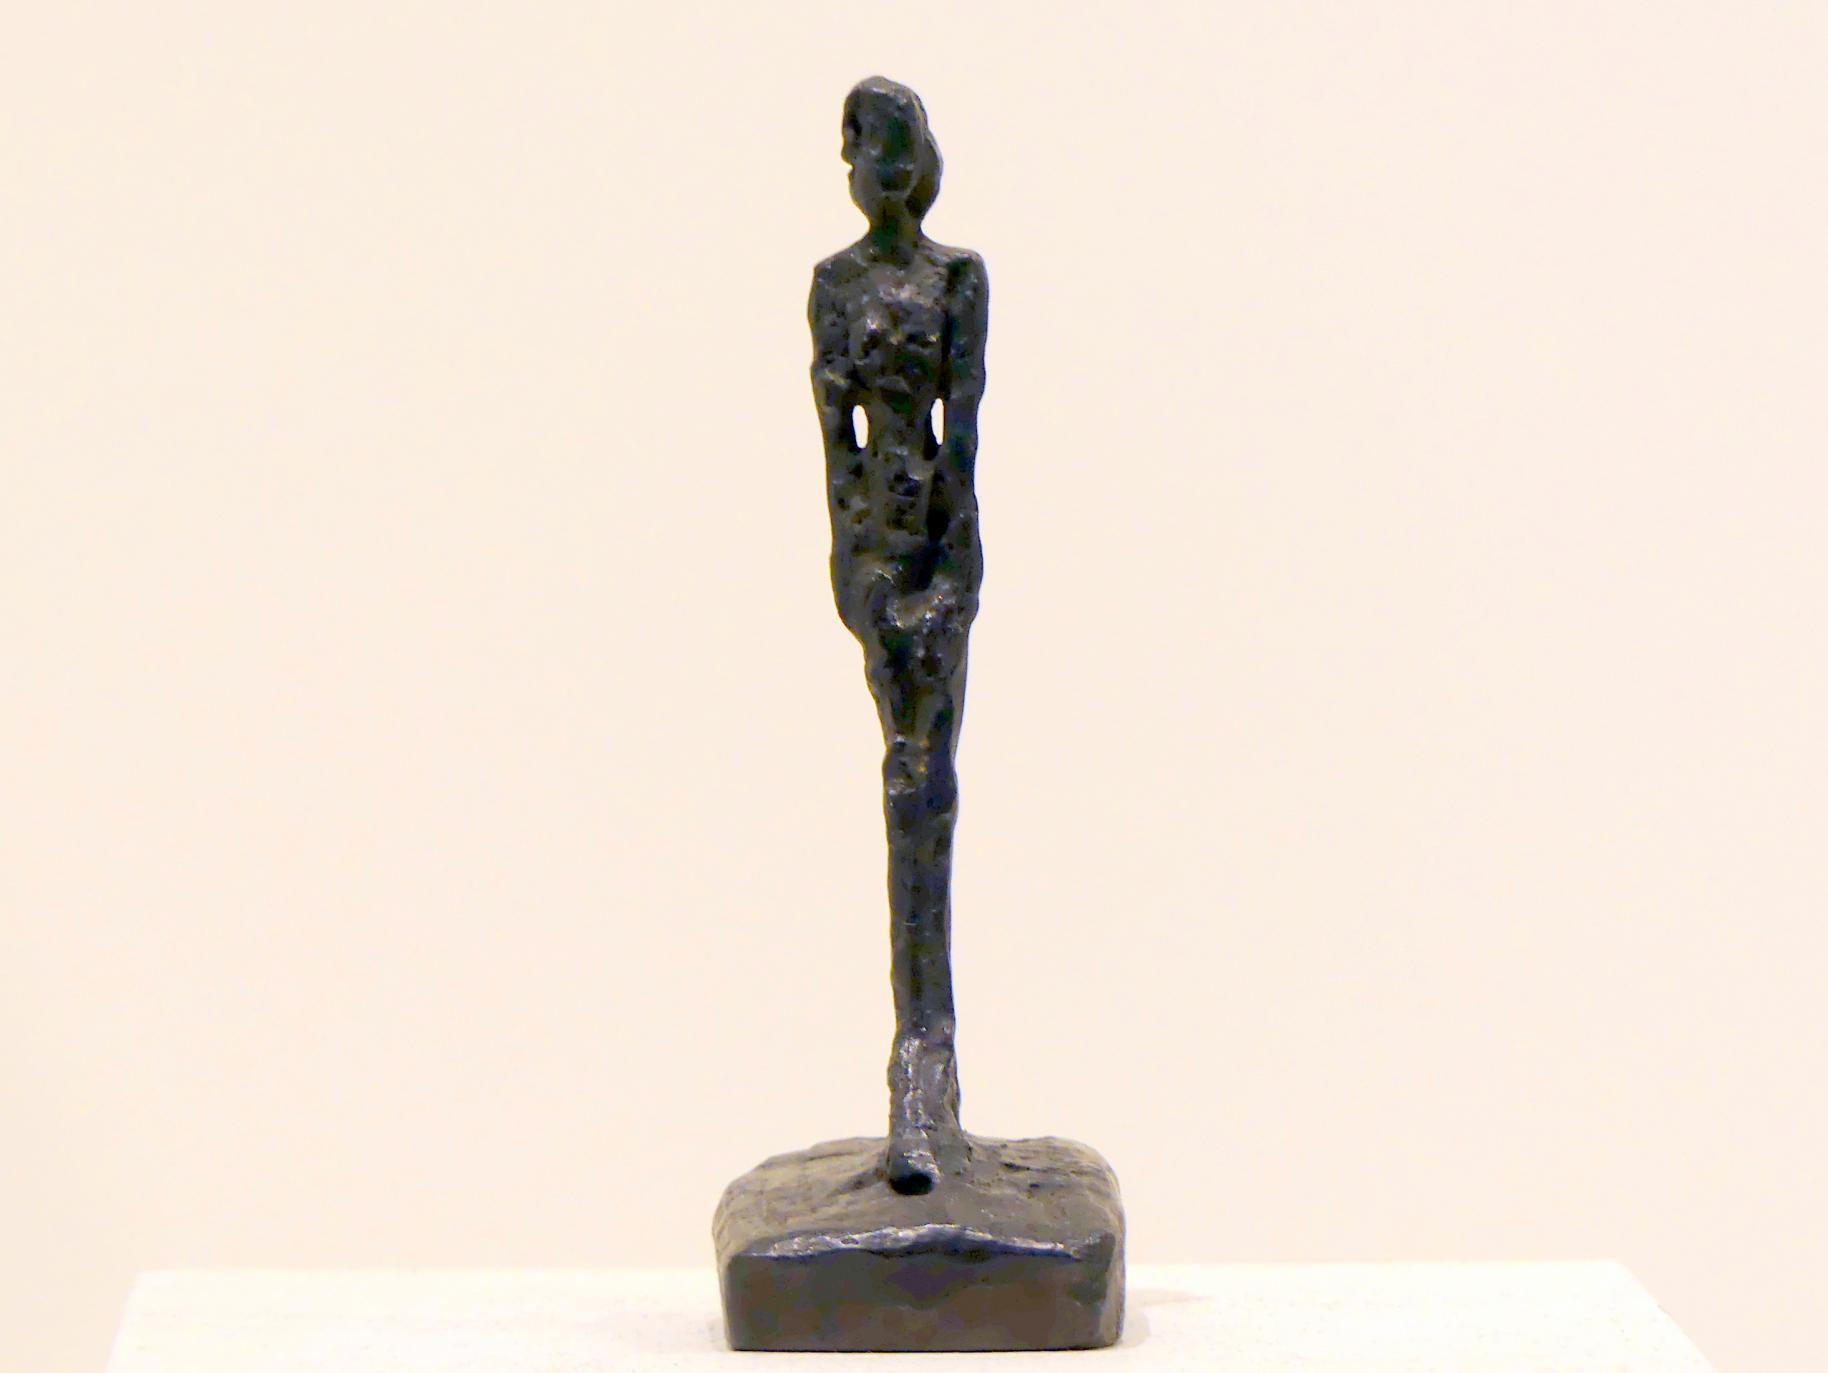 Alberto Giacometti: Statuette, 1953 - 1954